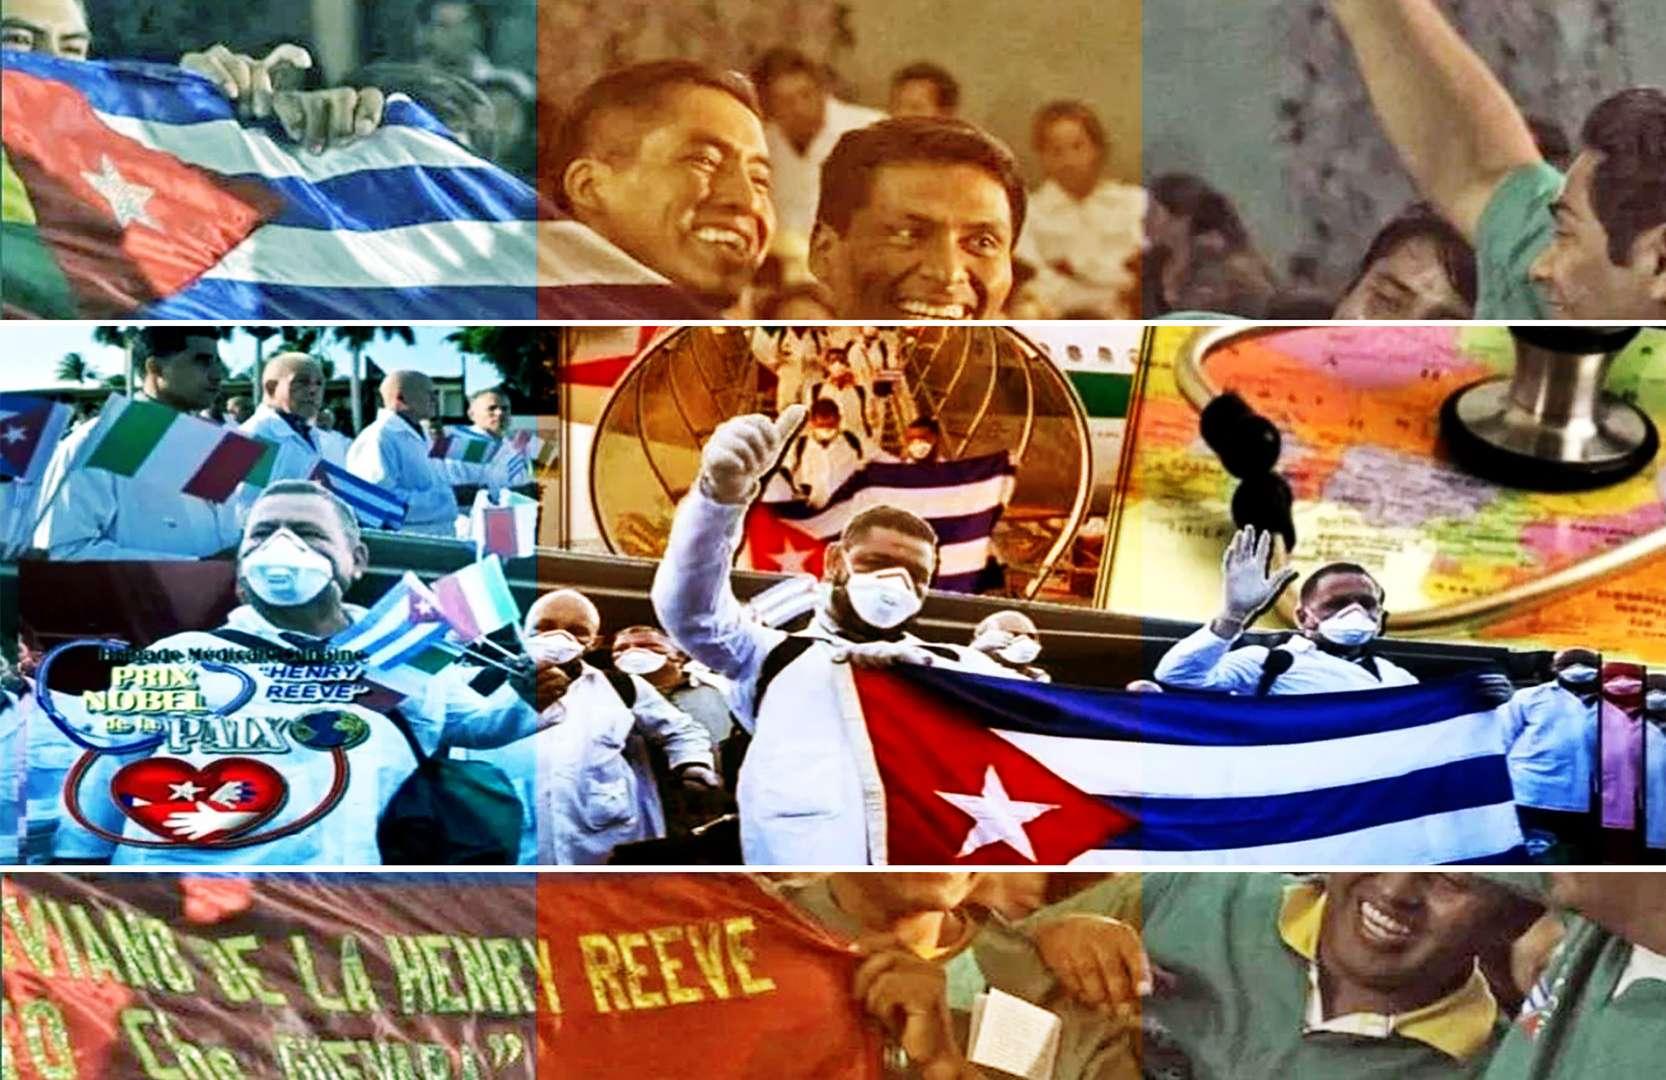 πρωτοβουλία απονομή βραβείου Νόμπελ Ειρήνης στους Γιατρούς της Κούβας